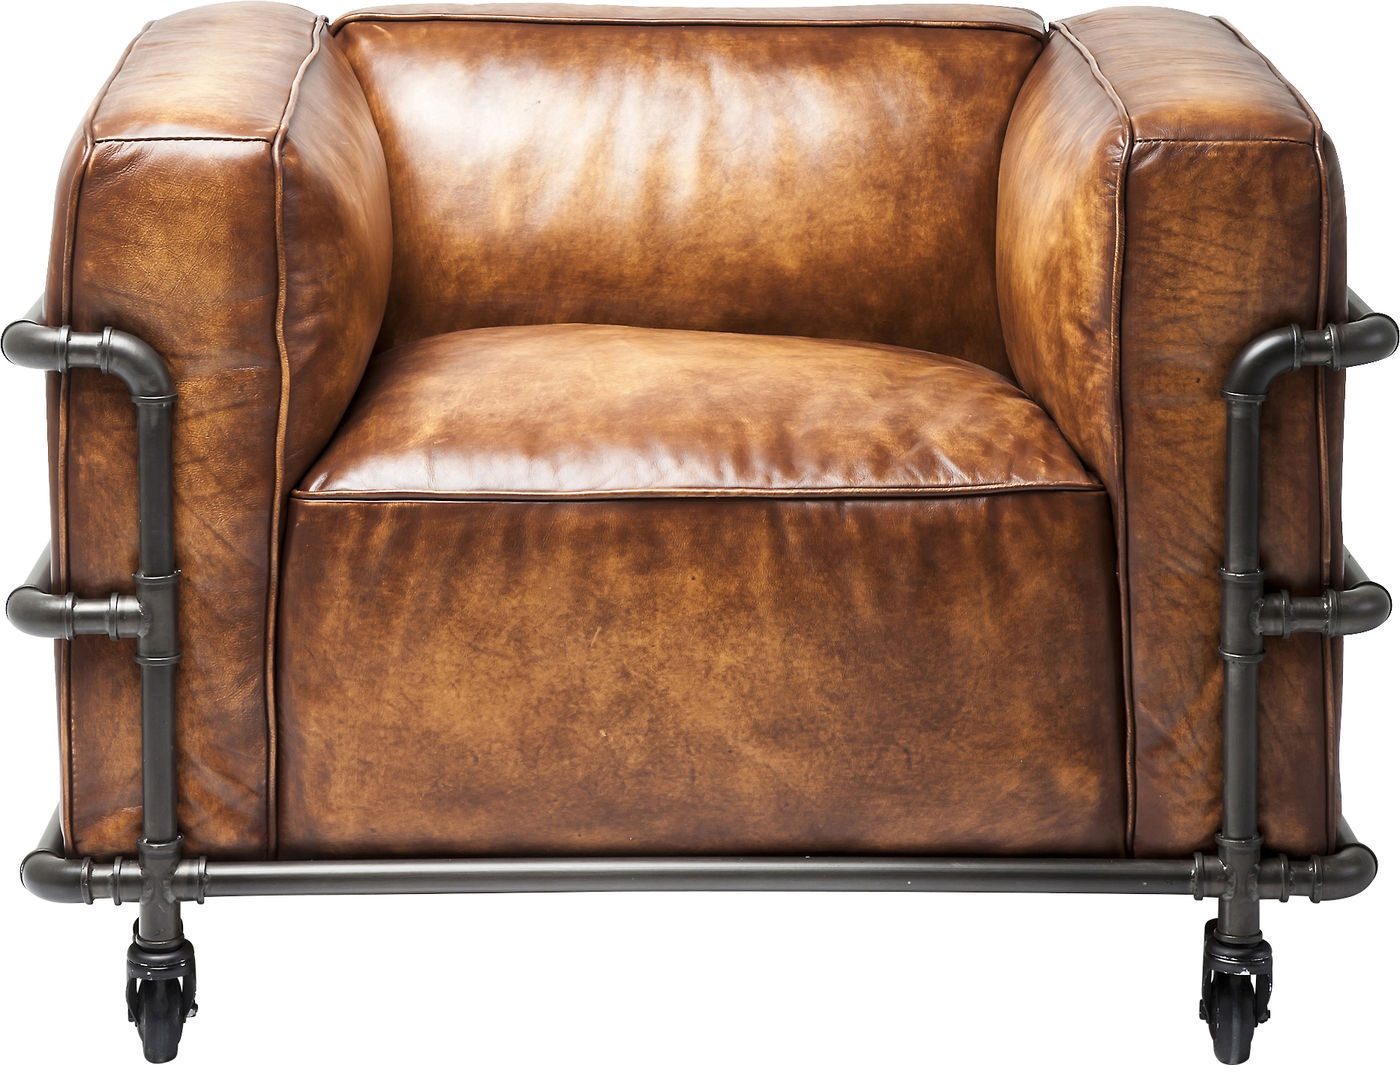 design fauteuil leer kopen online internetwinkel